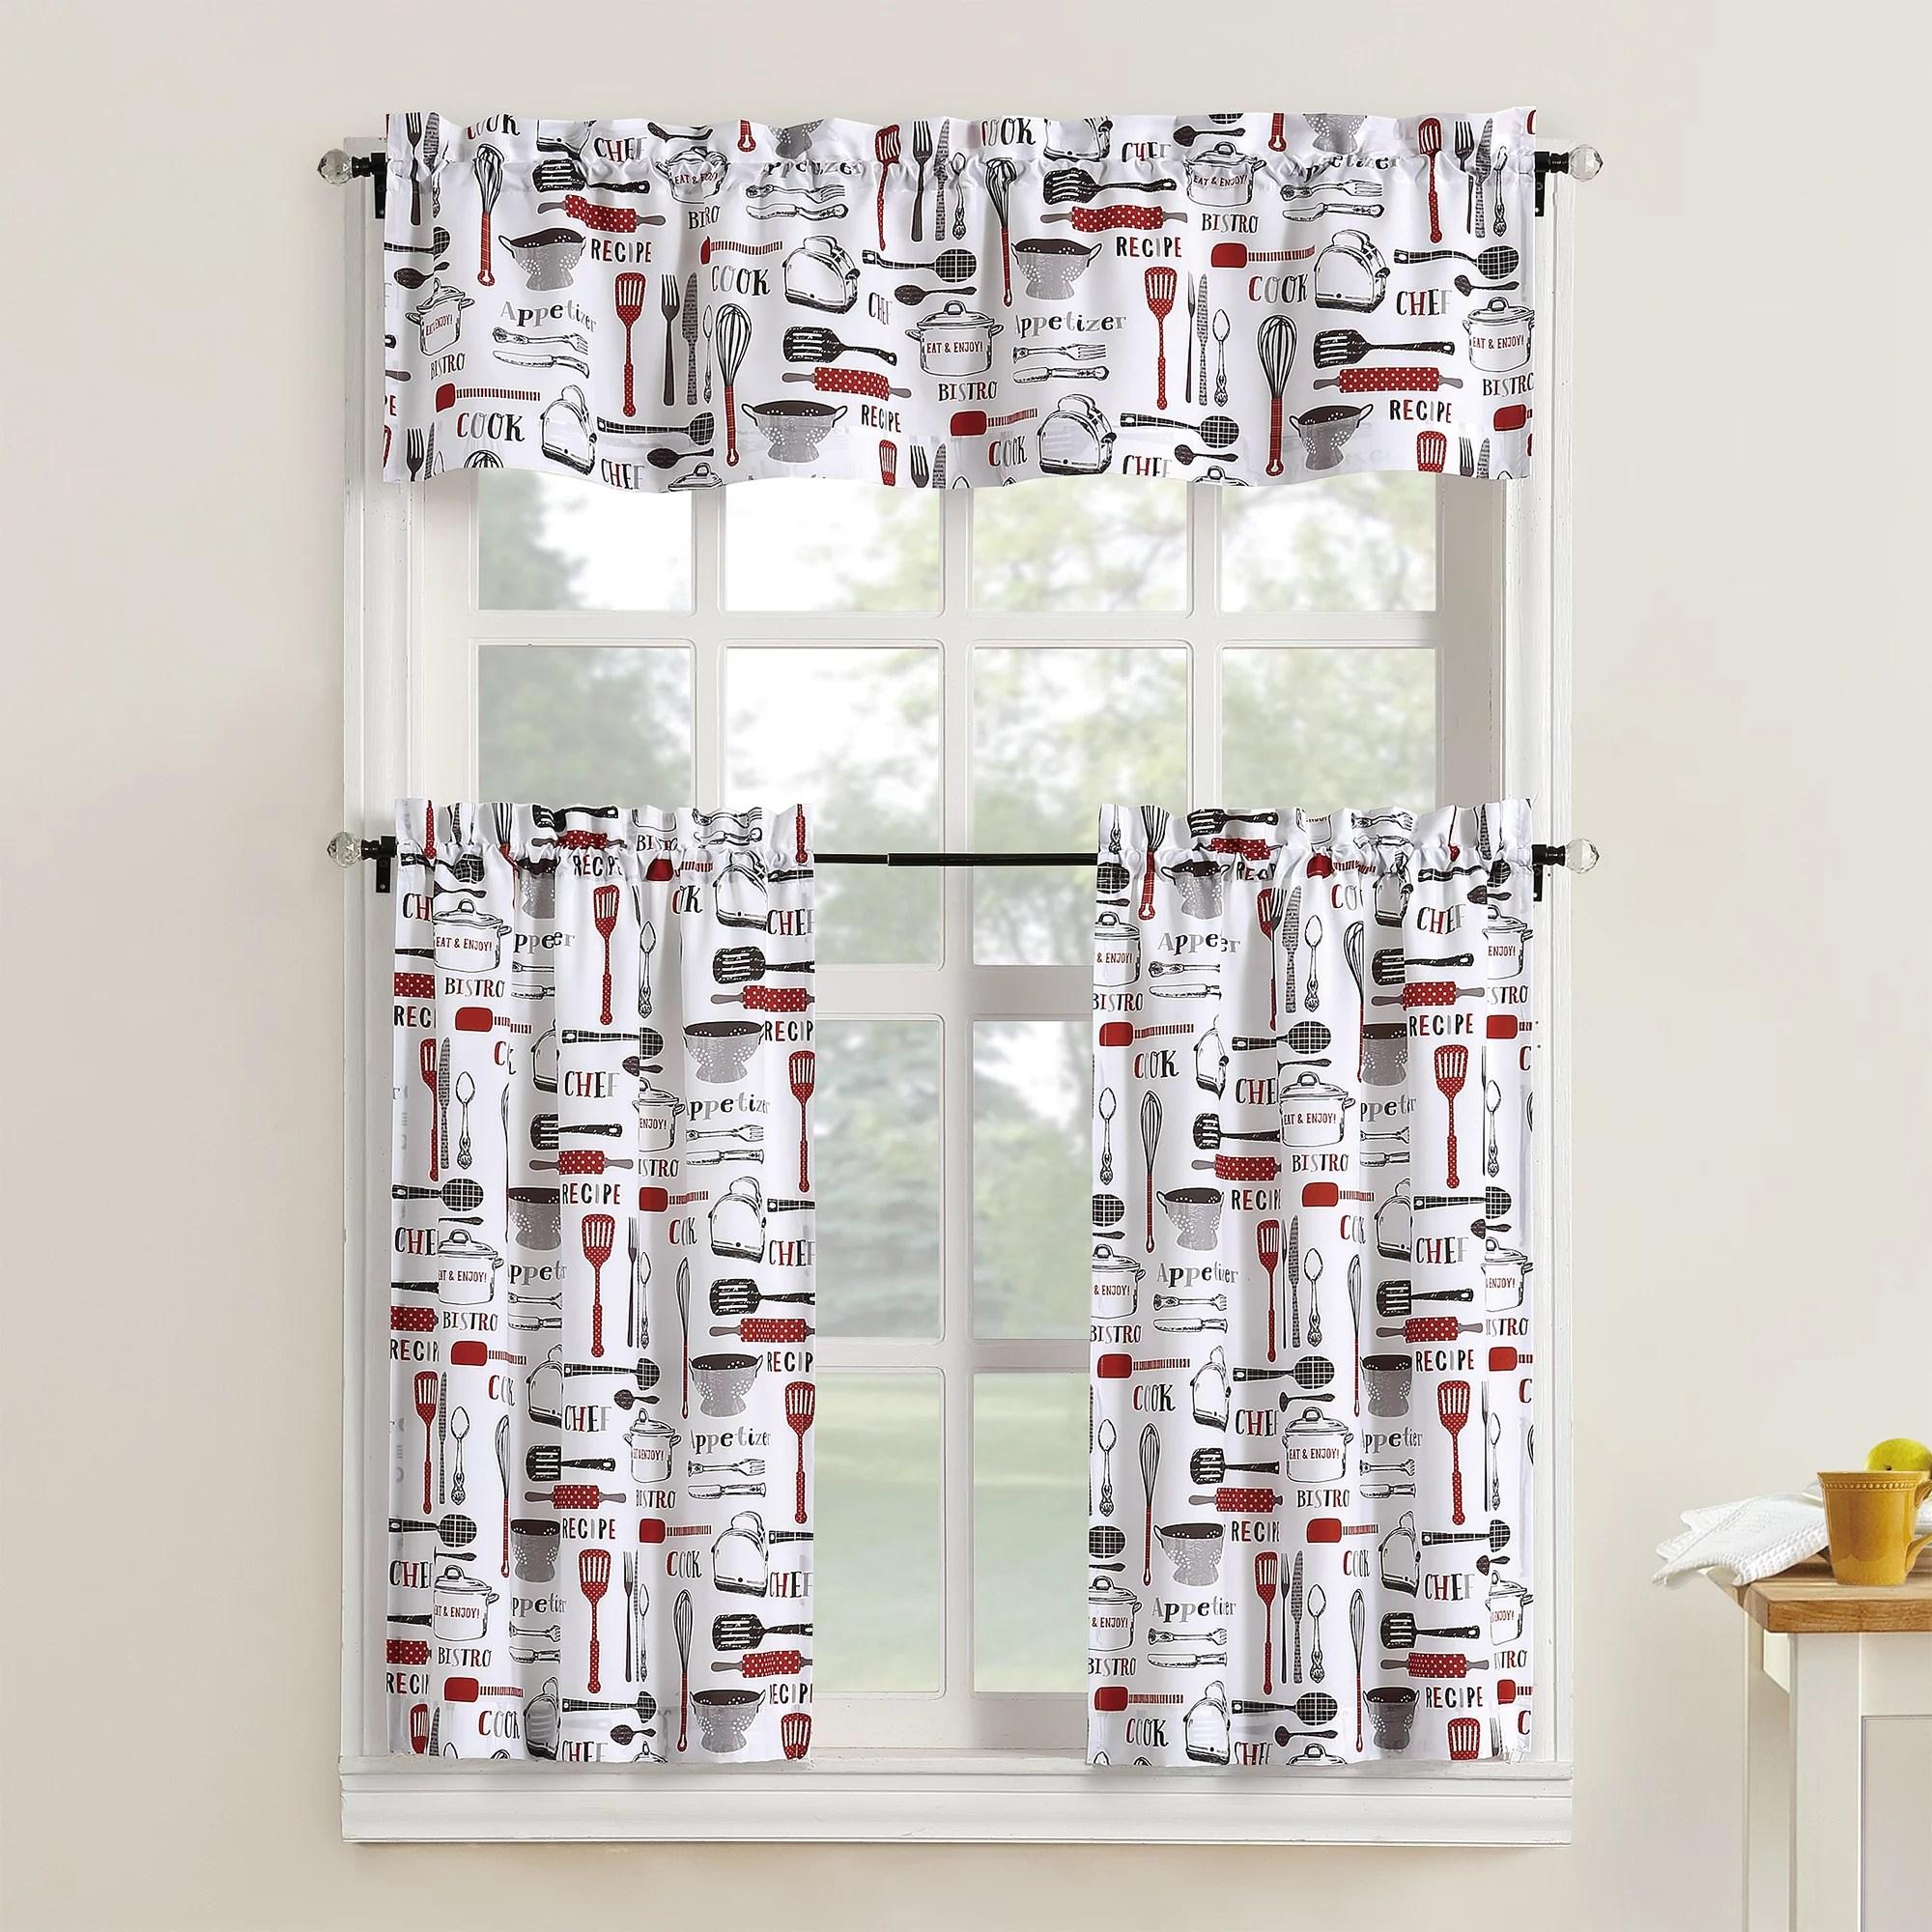 mainstays bistro 3 piece kitchen curtain tier and valance set